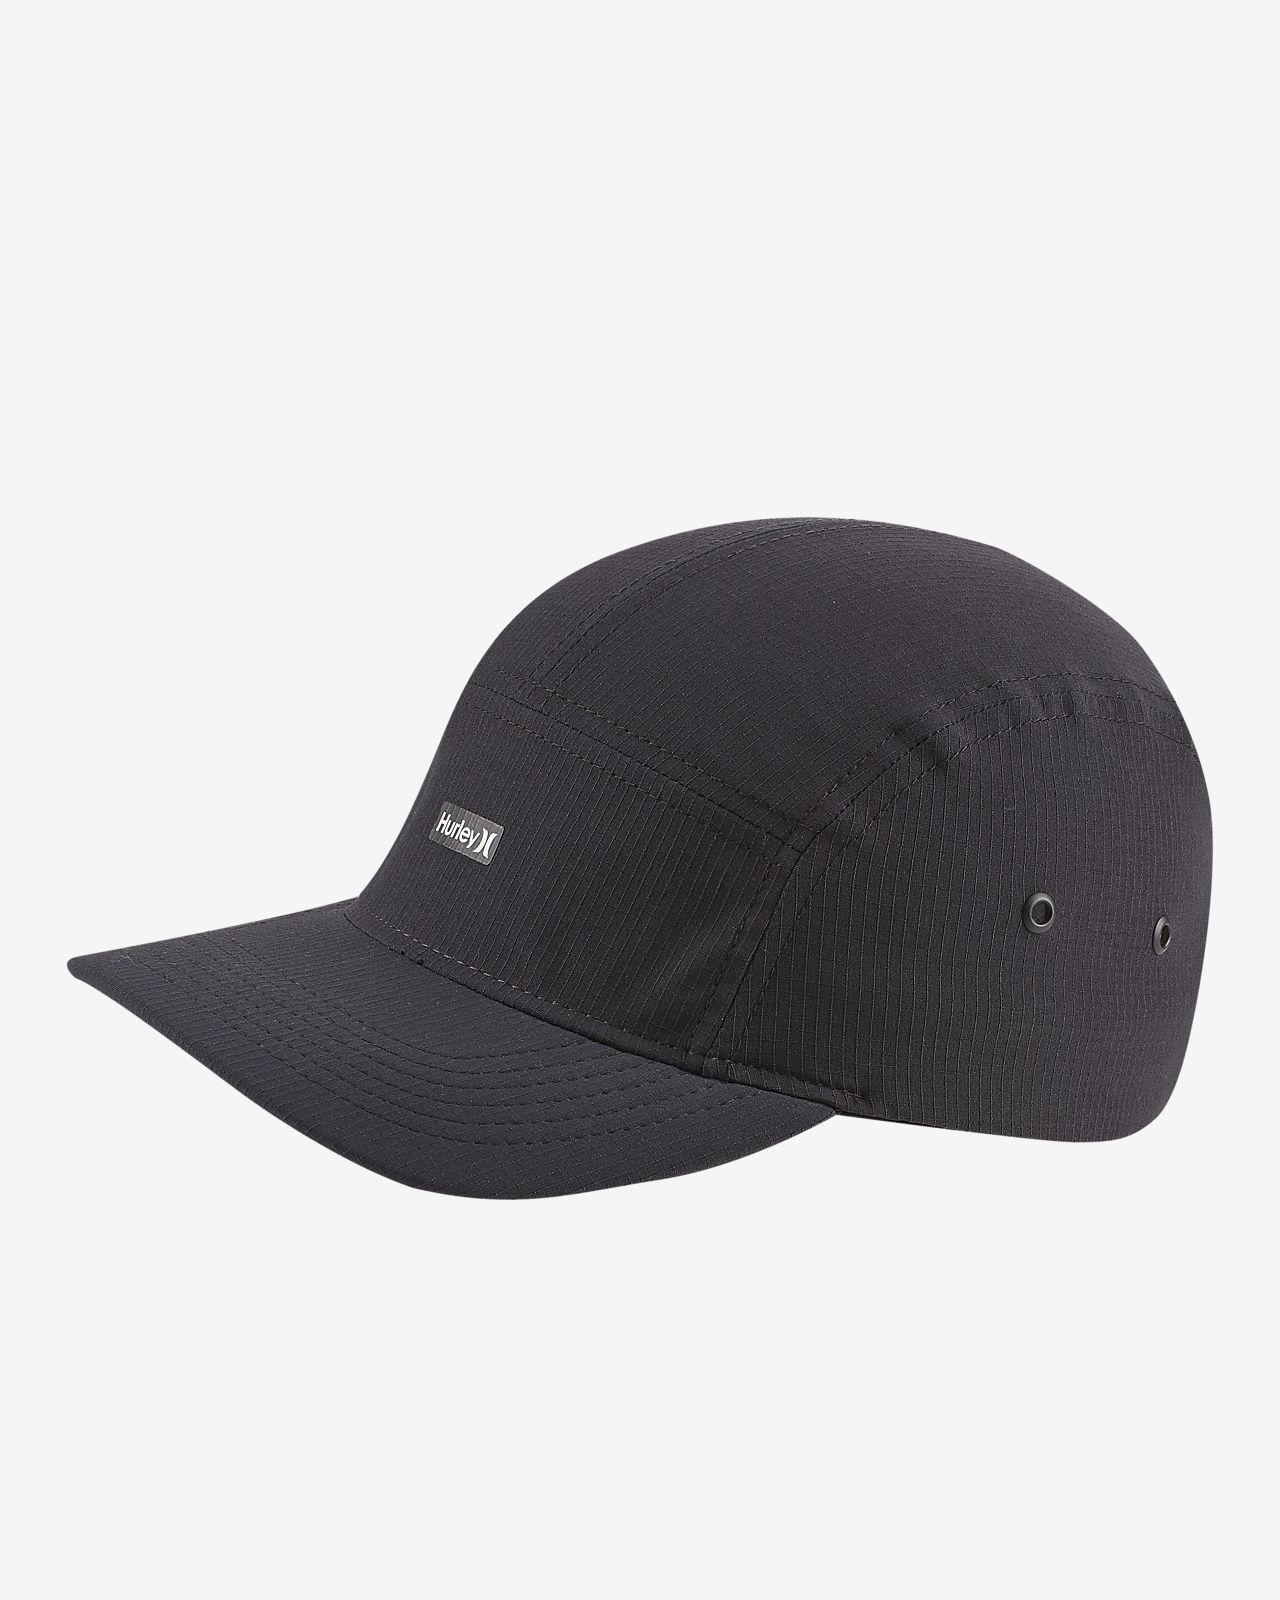 Hurley One And Only verstellbare Cap für Damen